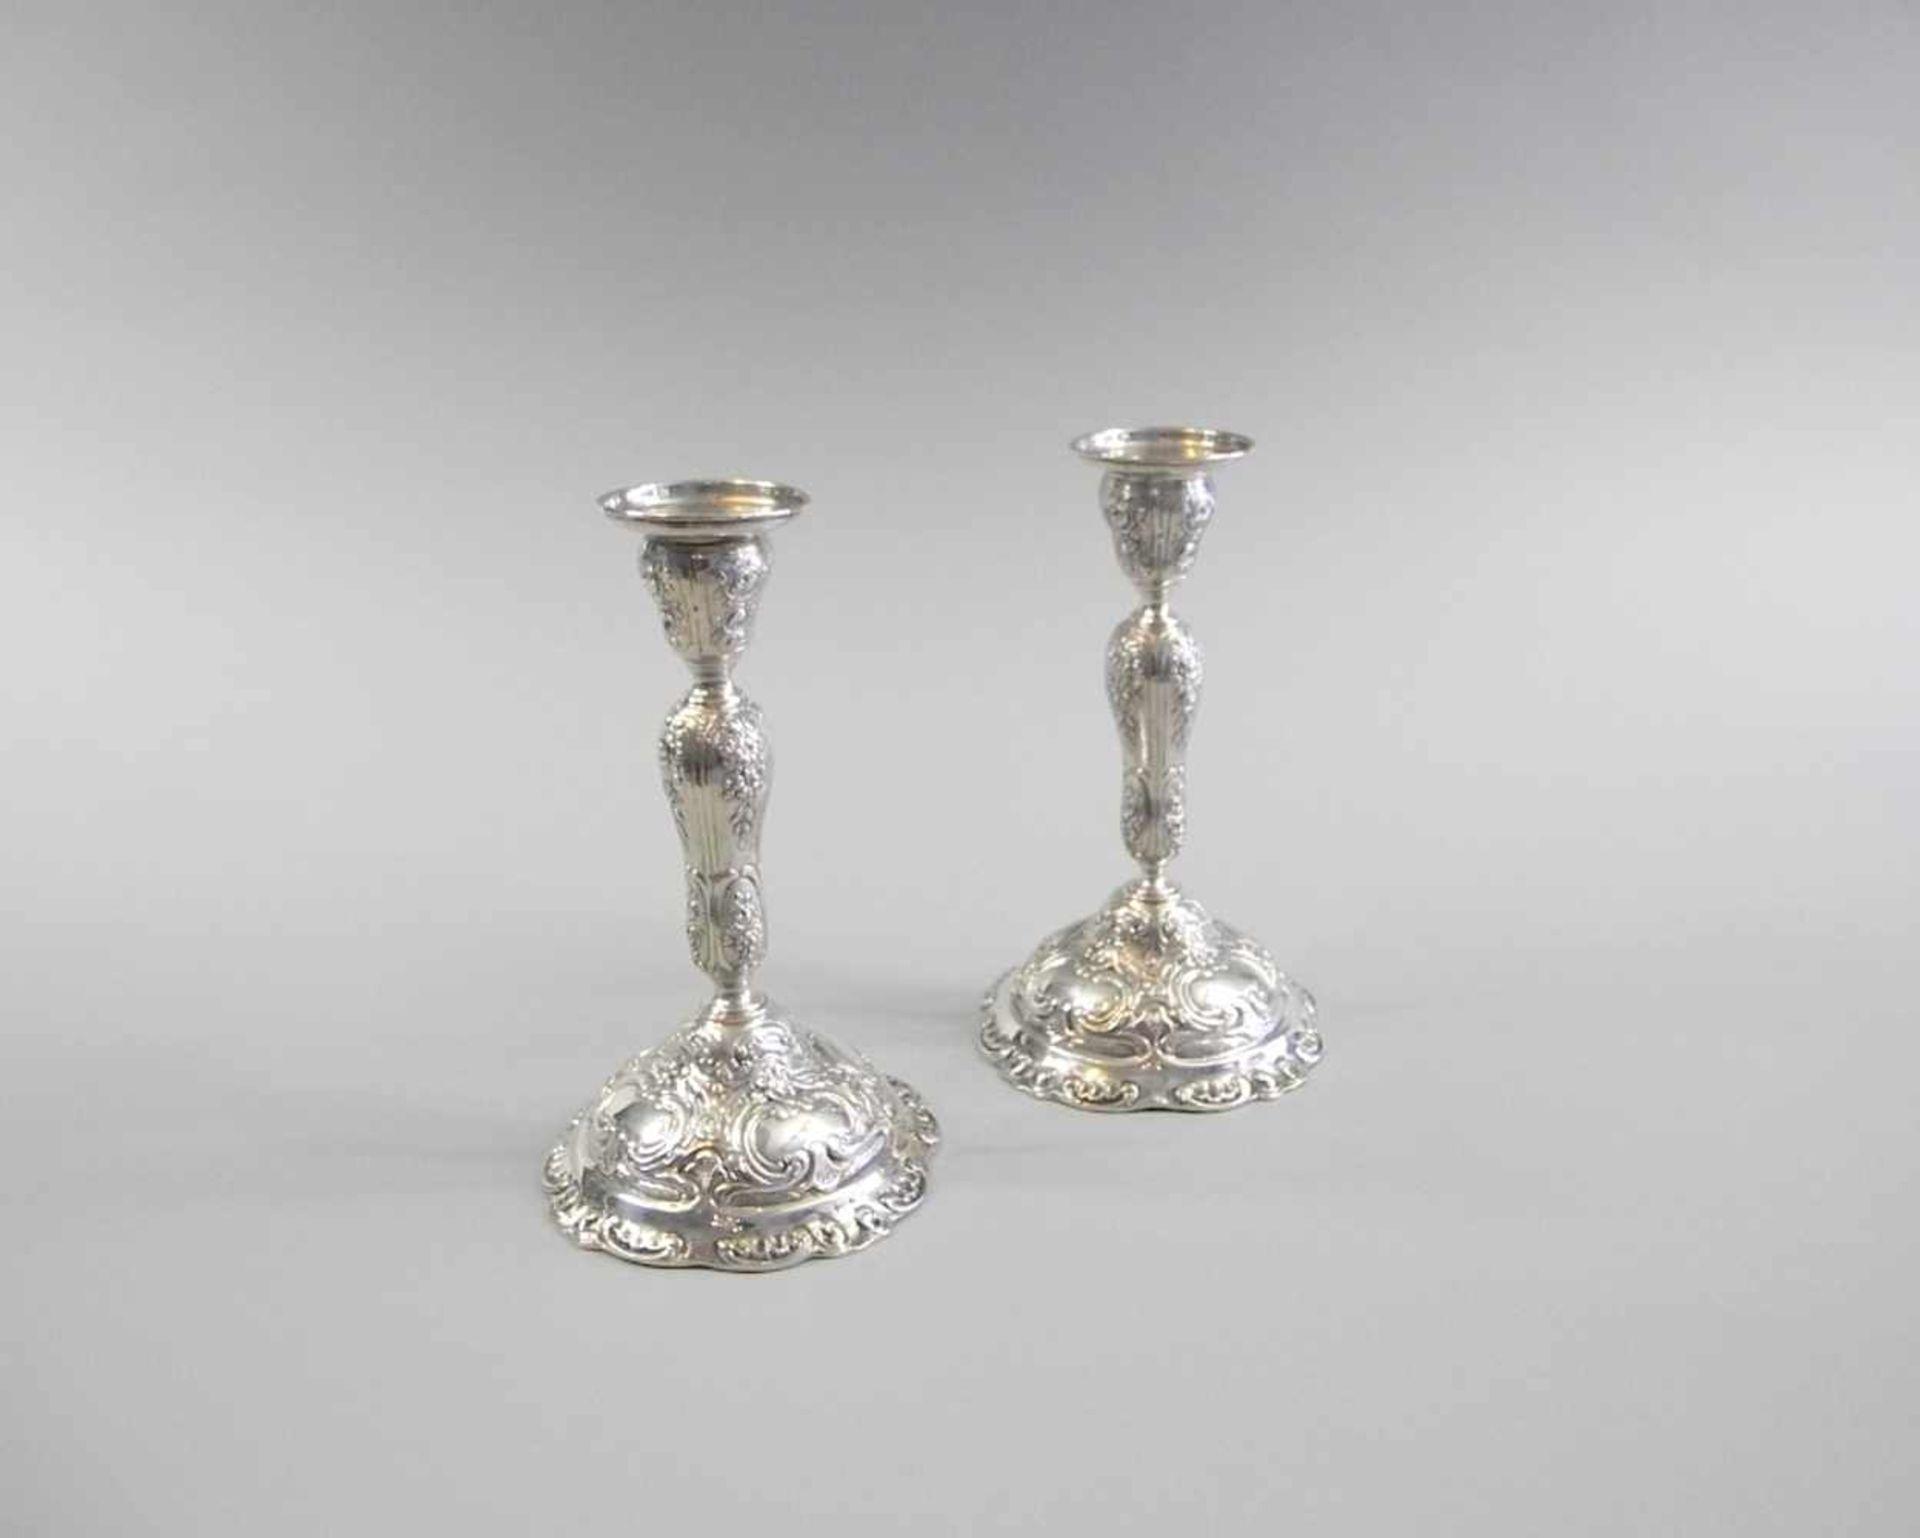 Los 58 - Paar einflammige KerzenständerSilber 800, seitlich am Fuß mit Feingehaltsstempel sowie